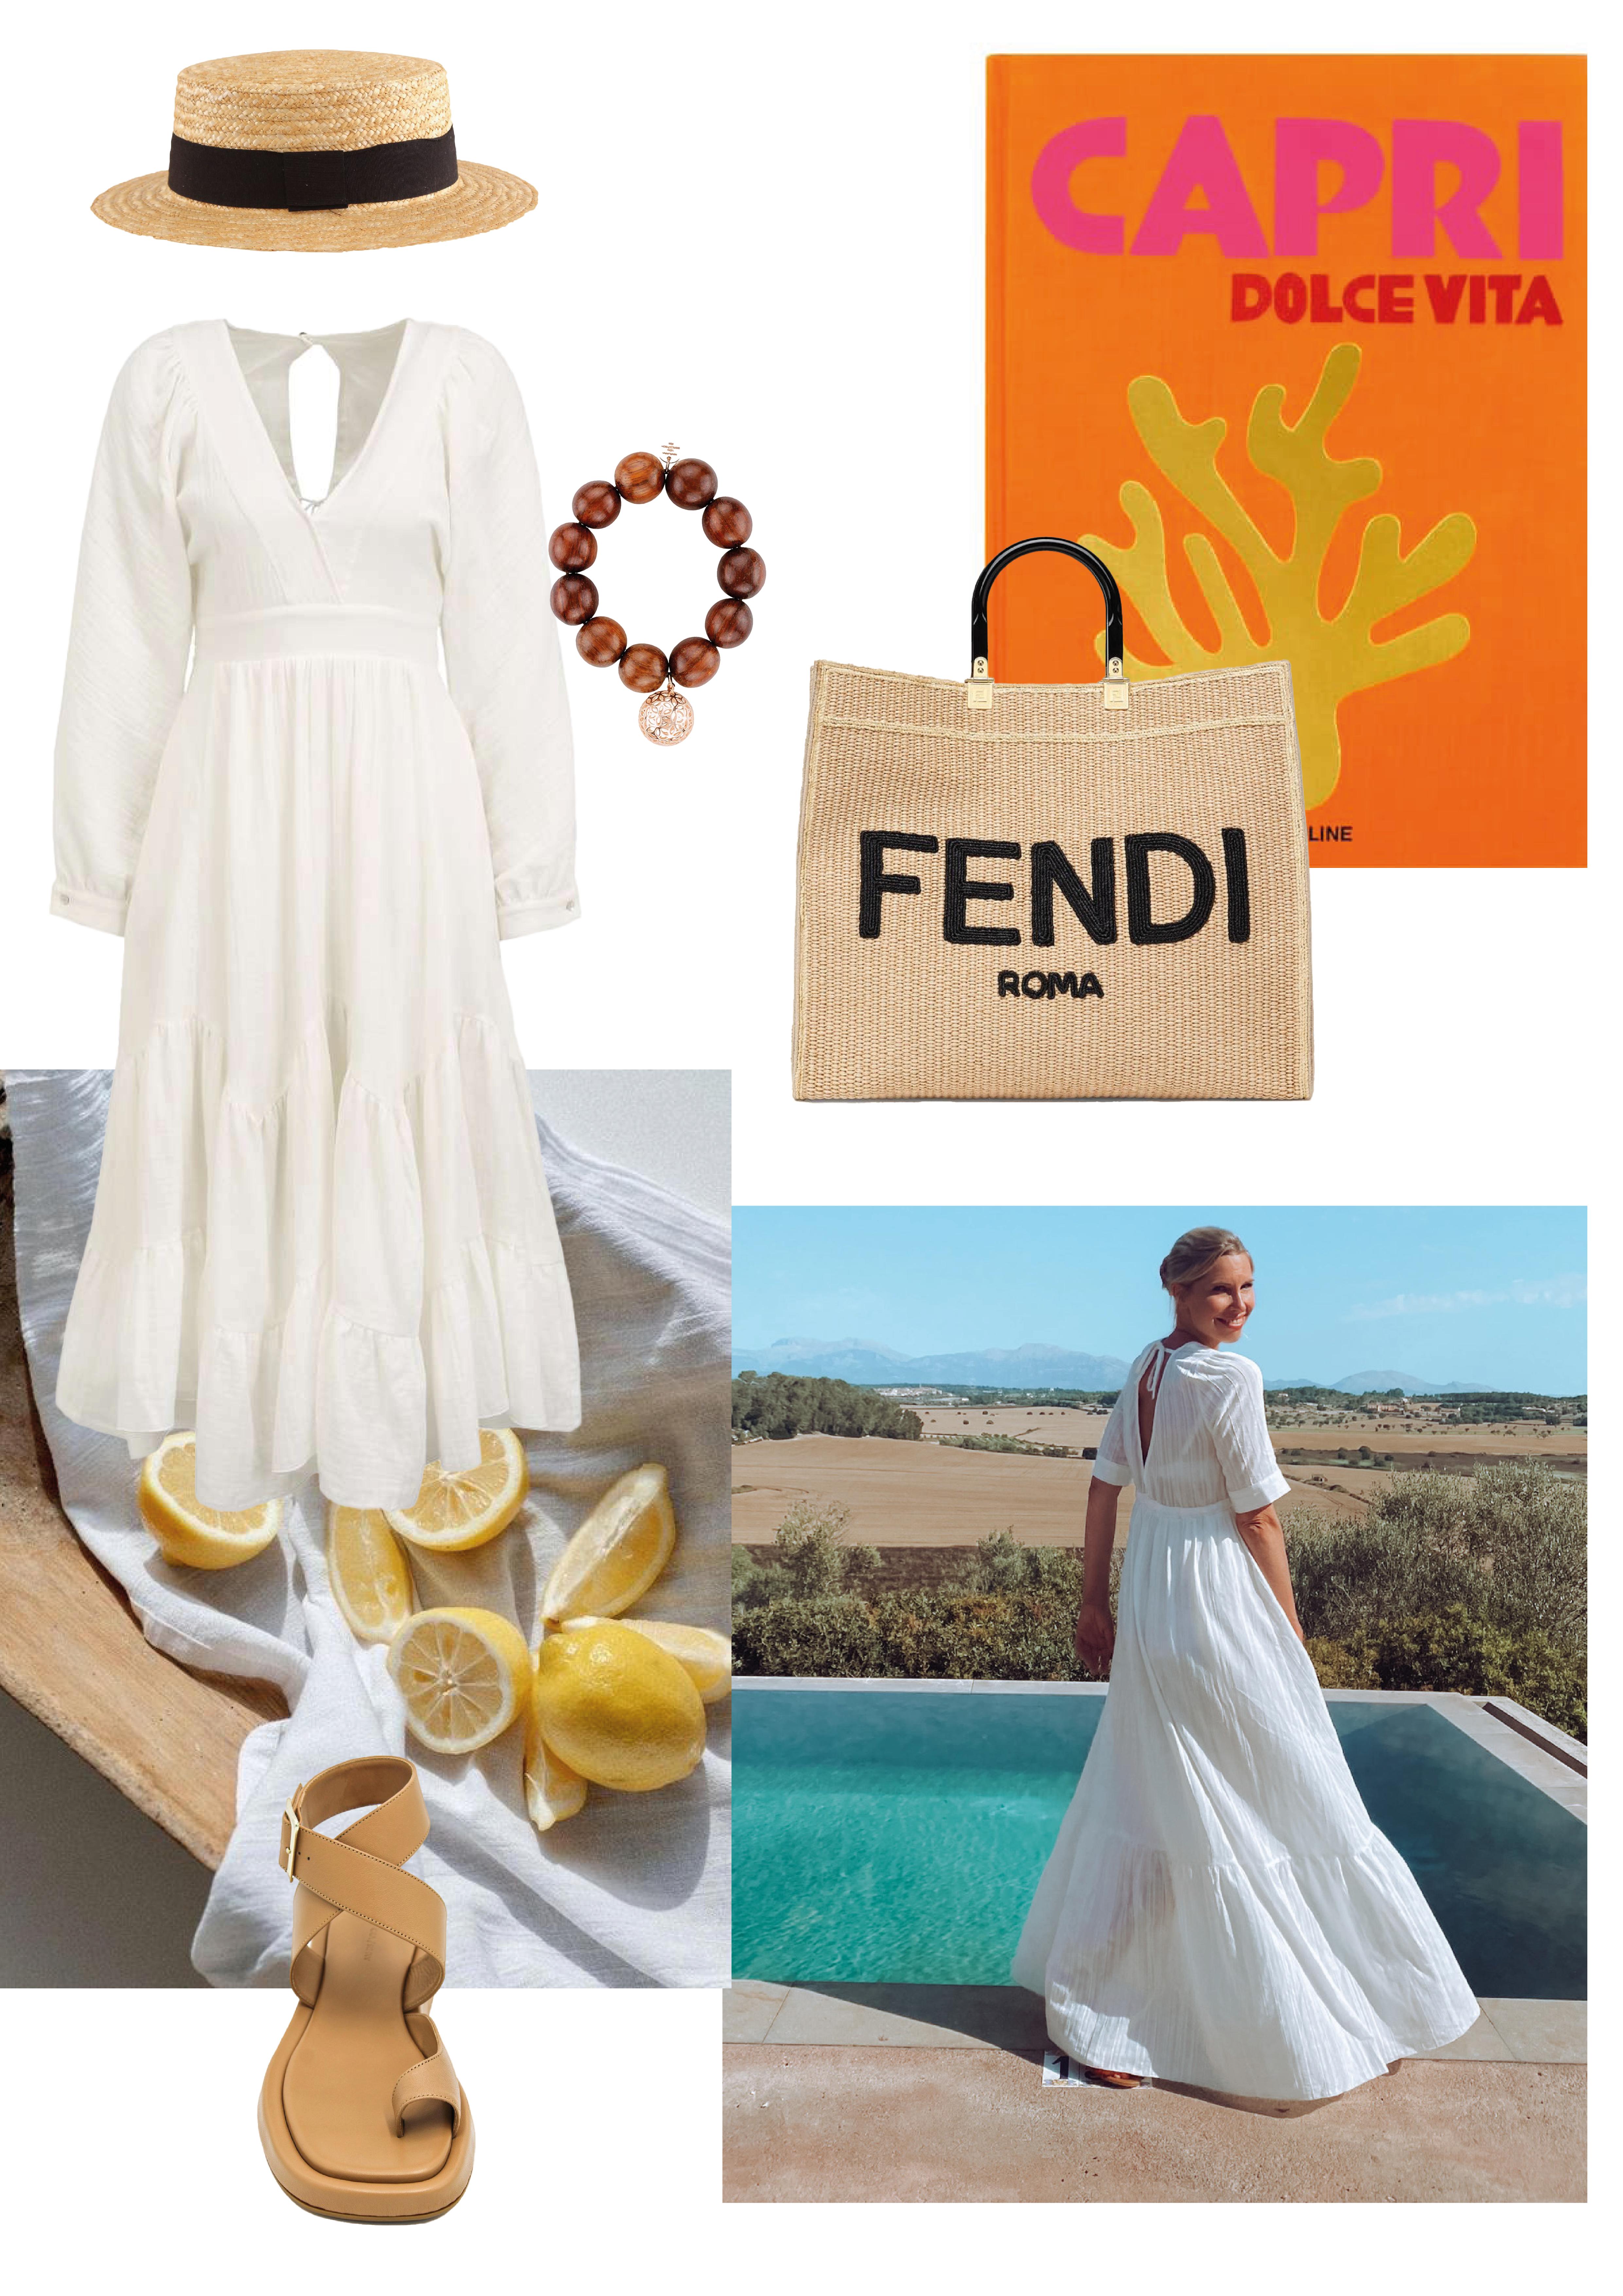 Kleid: SoSUE Wendy Dress Kleid: SoSUE California Dress Tasche: Fendi Schuhe: GIA Schmuck: Marjana von Berlepsch